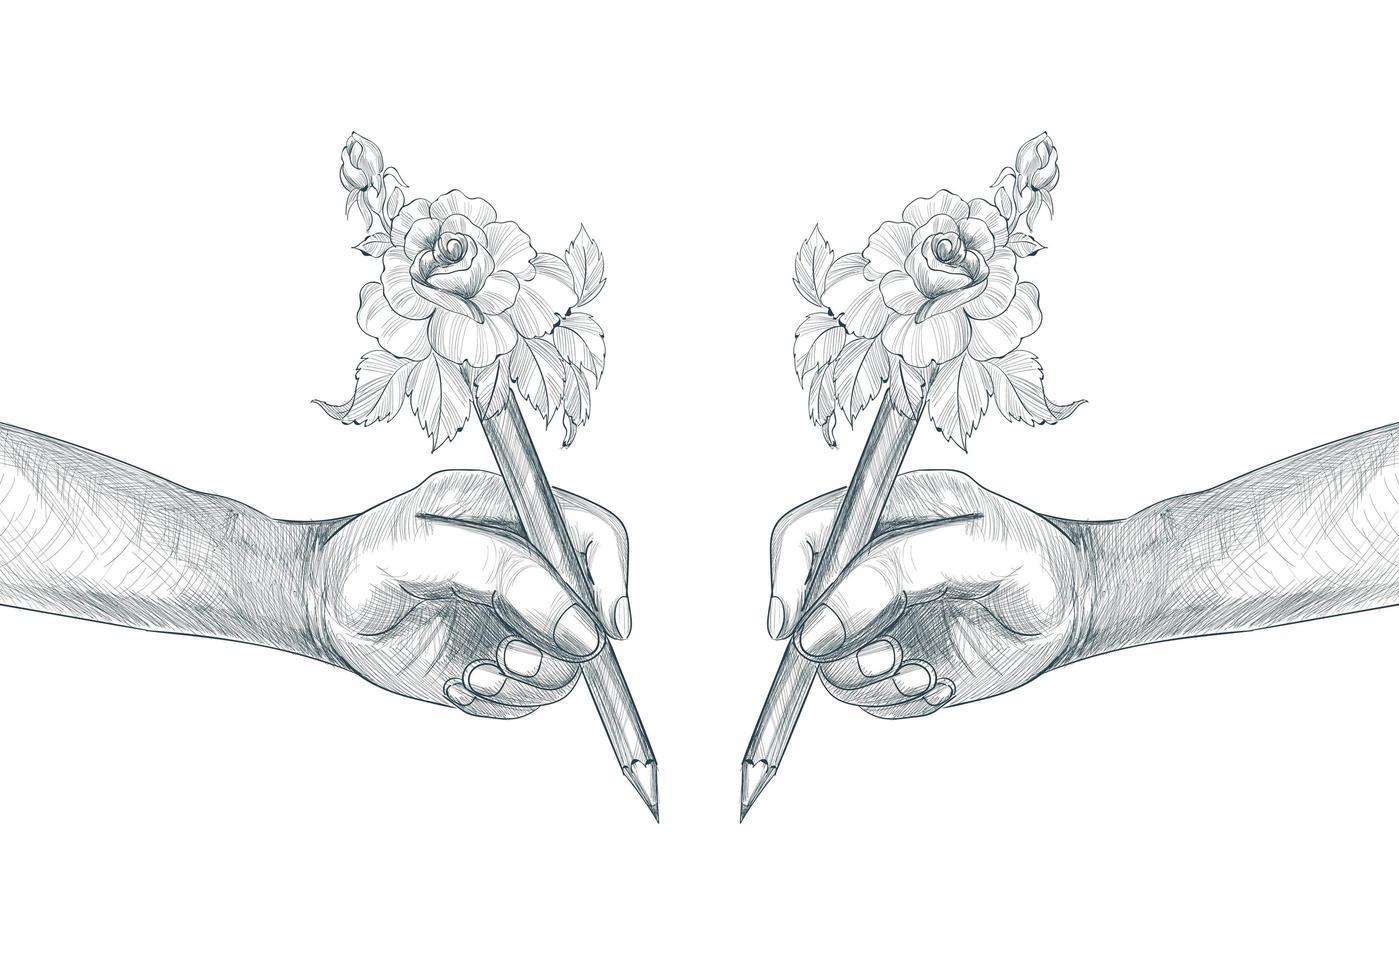 feliz día del maestro concepto estudiante mano sujetando lápiz dibujo de arte vector